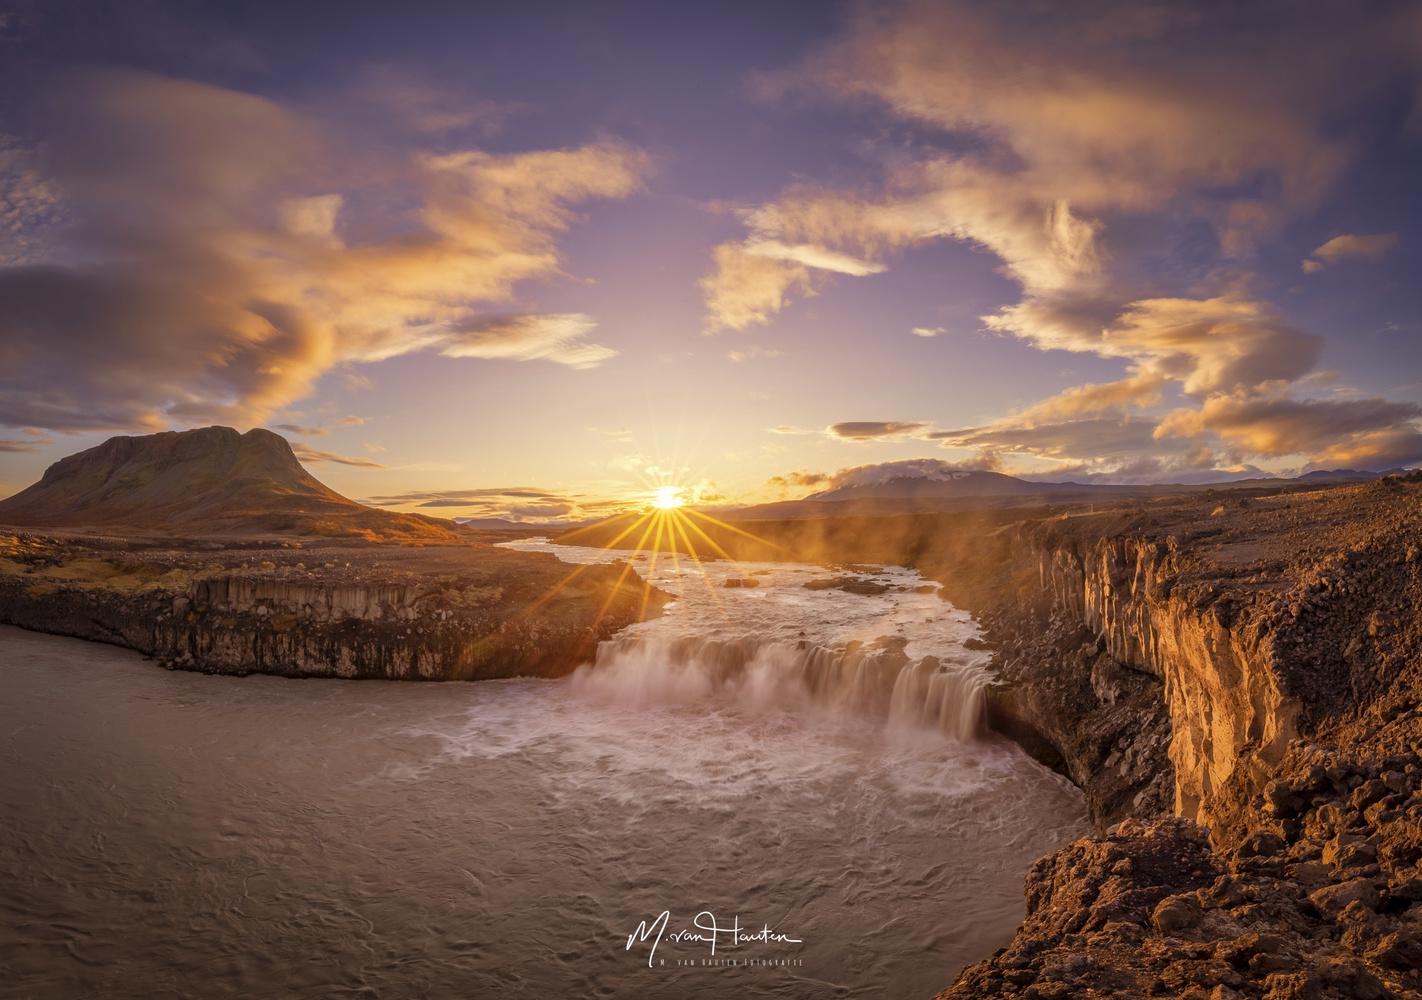 Last sunrise by Markus van Hauten